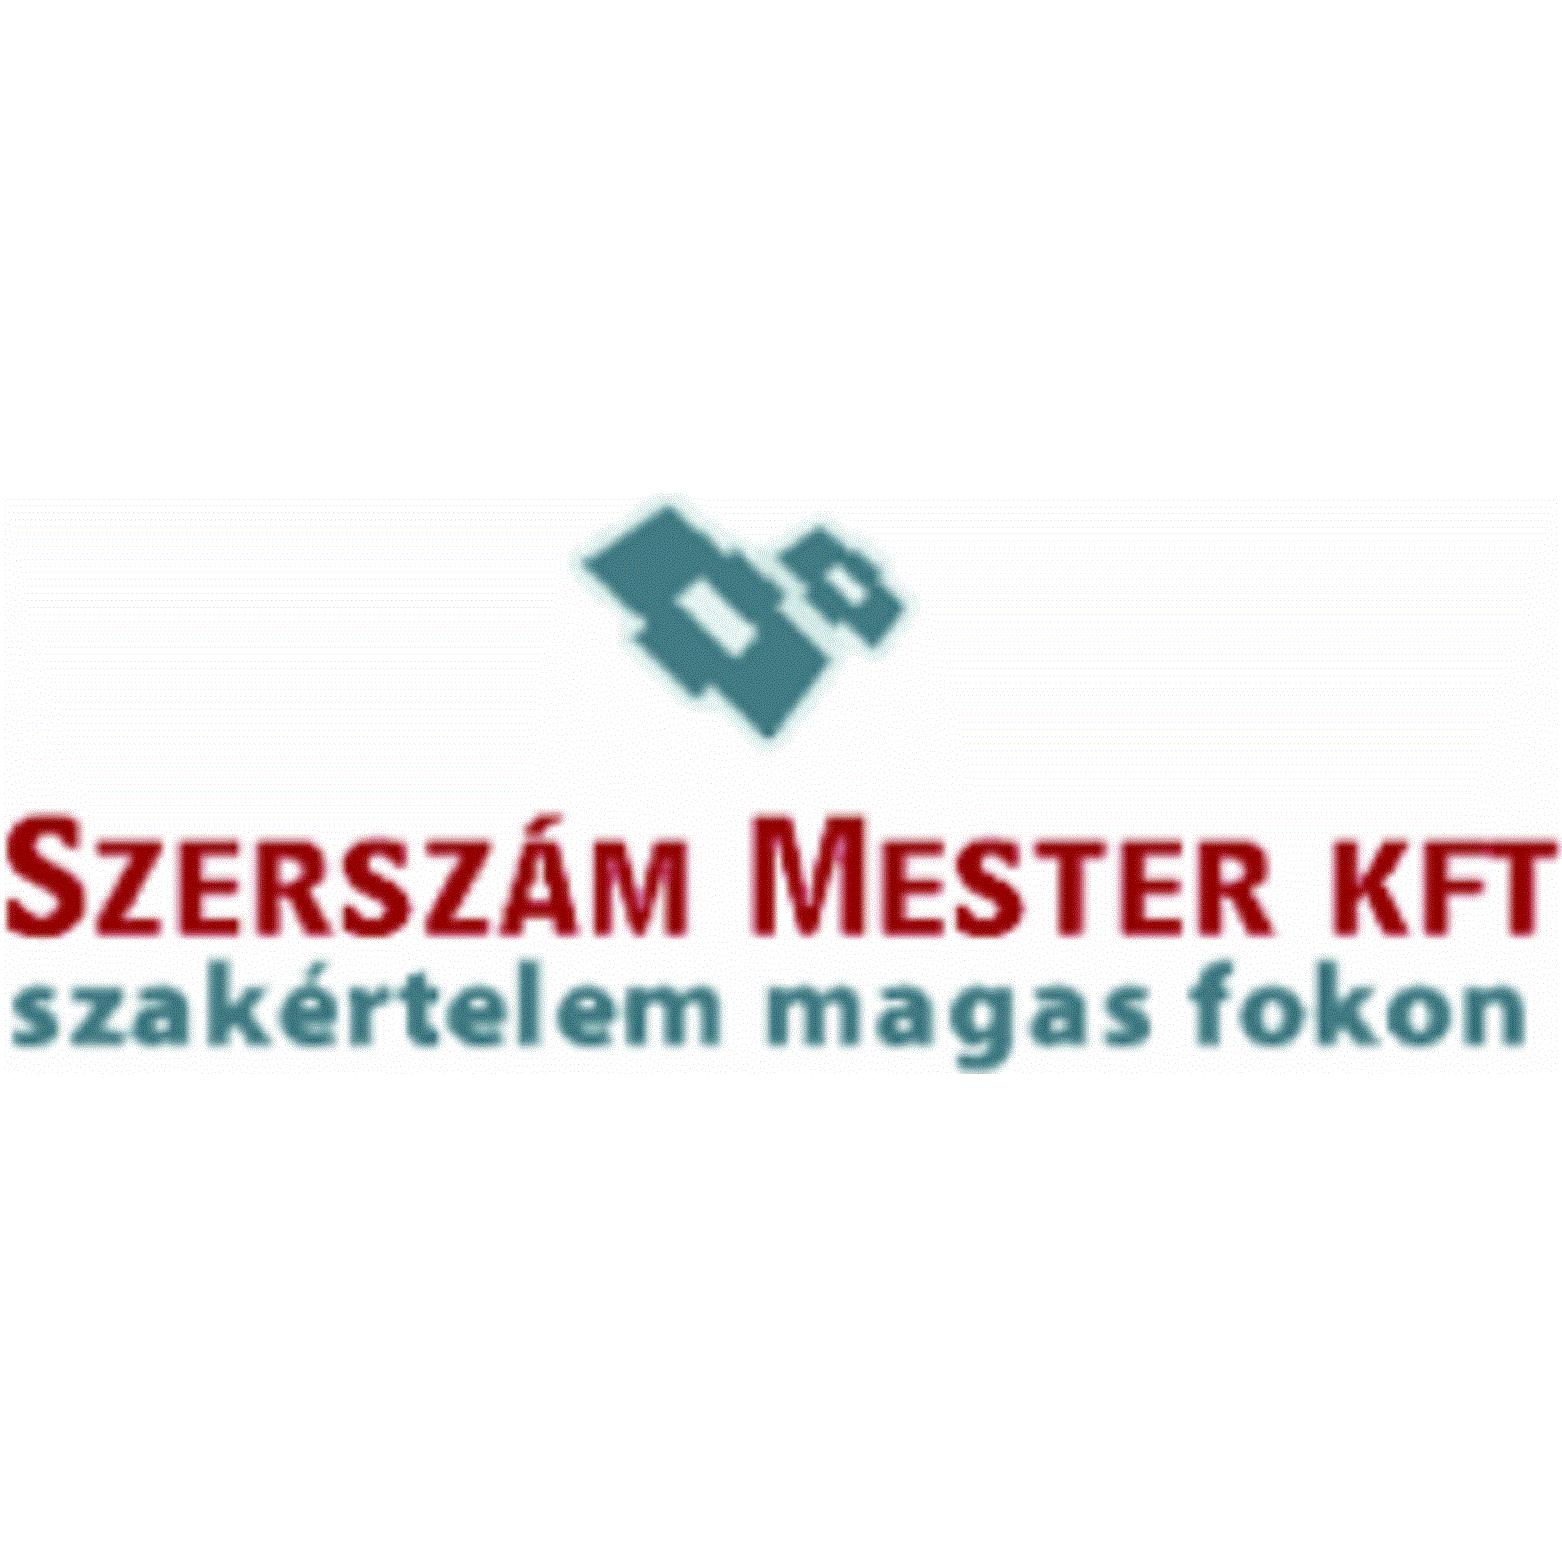 Szerszám Mester Kft.